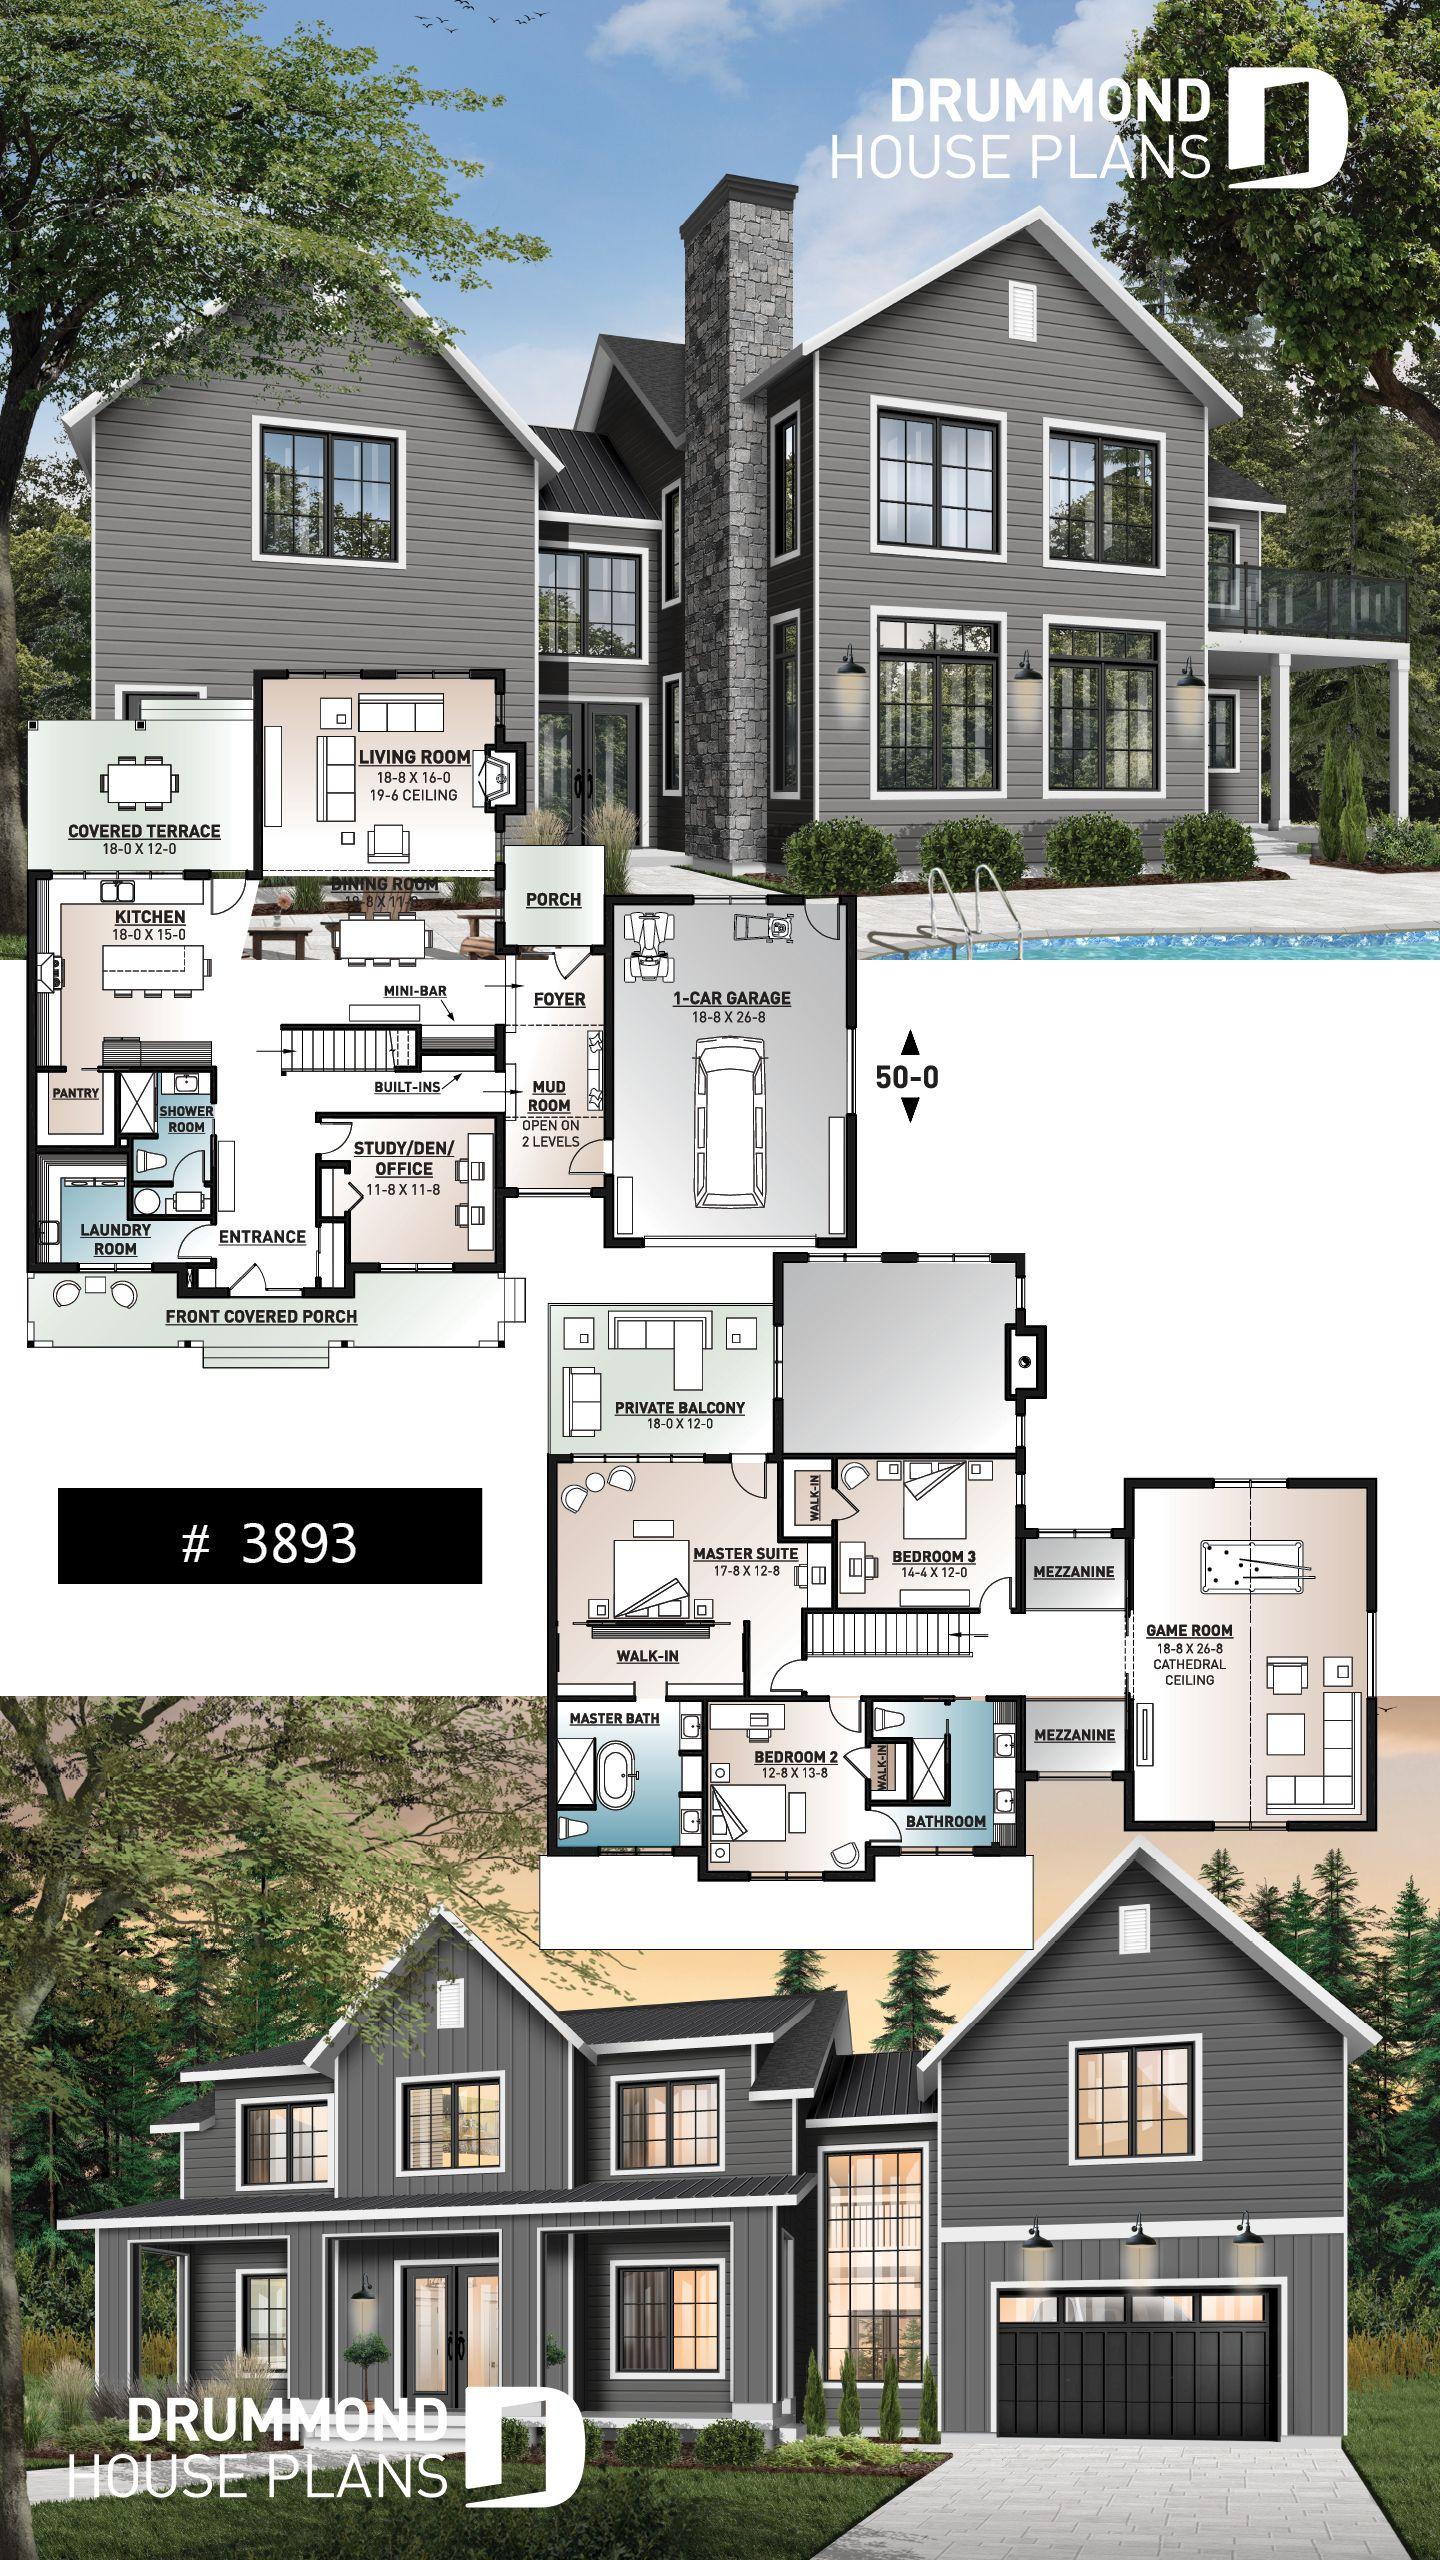 Decouvrez Le Plan 3893 Bridge Qui Vous Plaira Pour Ses 3 4 Chambres Et Son Style Farmhouse Maison Sims Maison Sims 3 Plan Maison Architecte